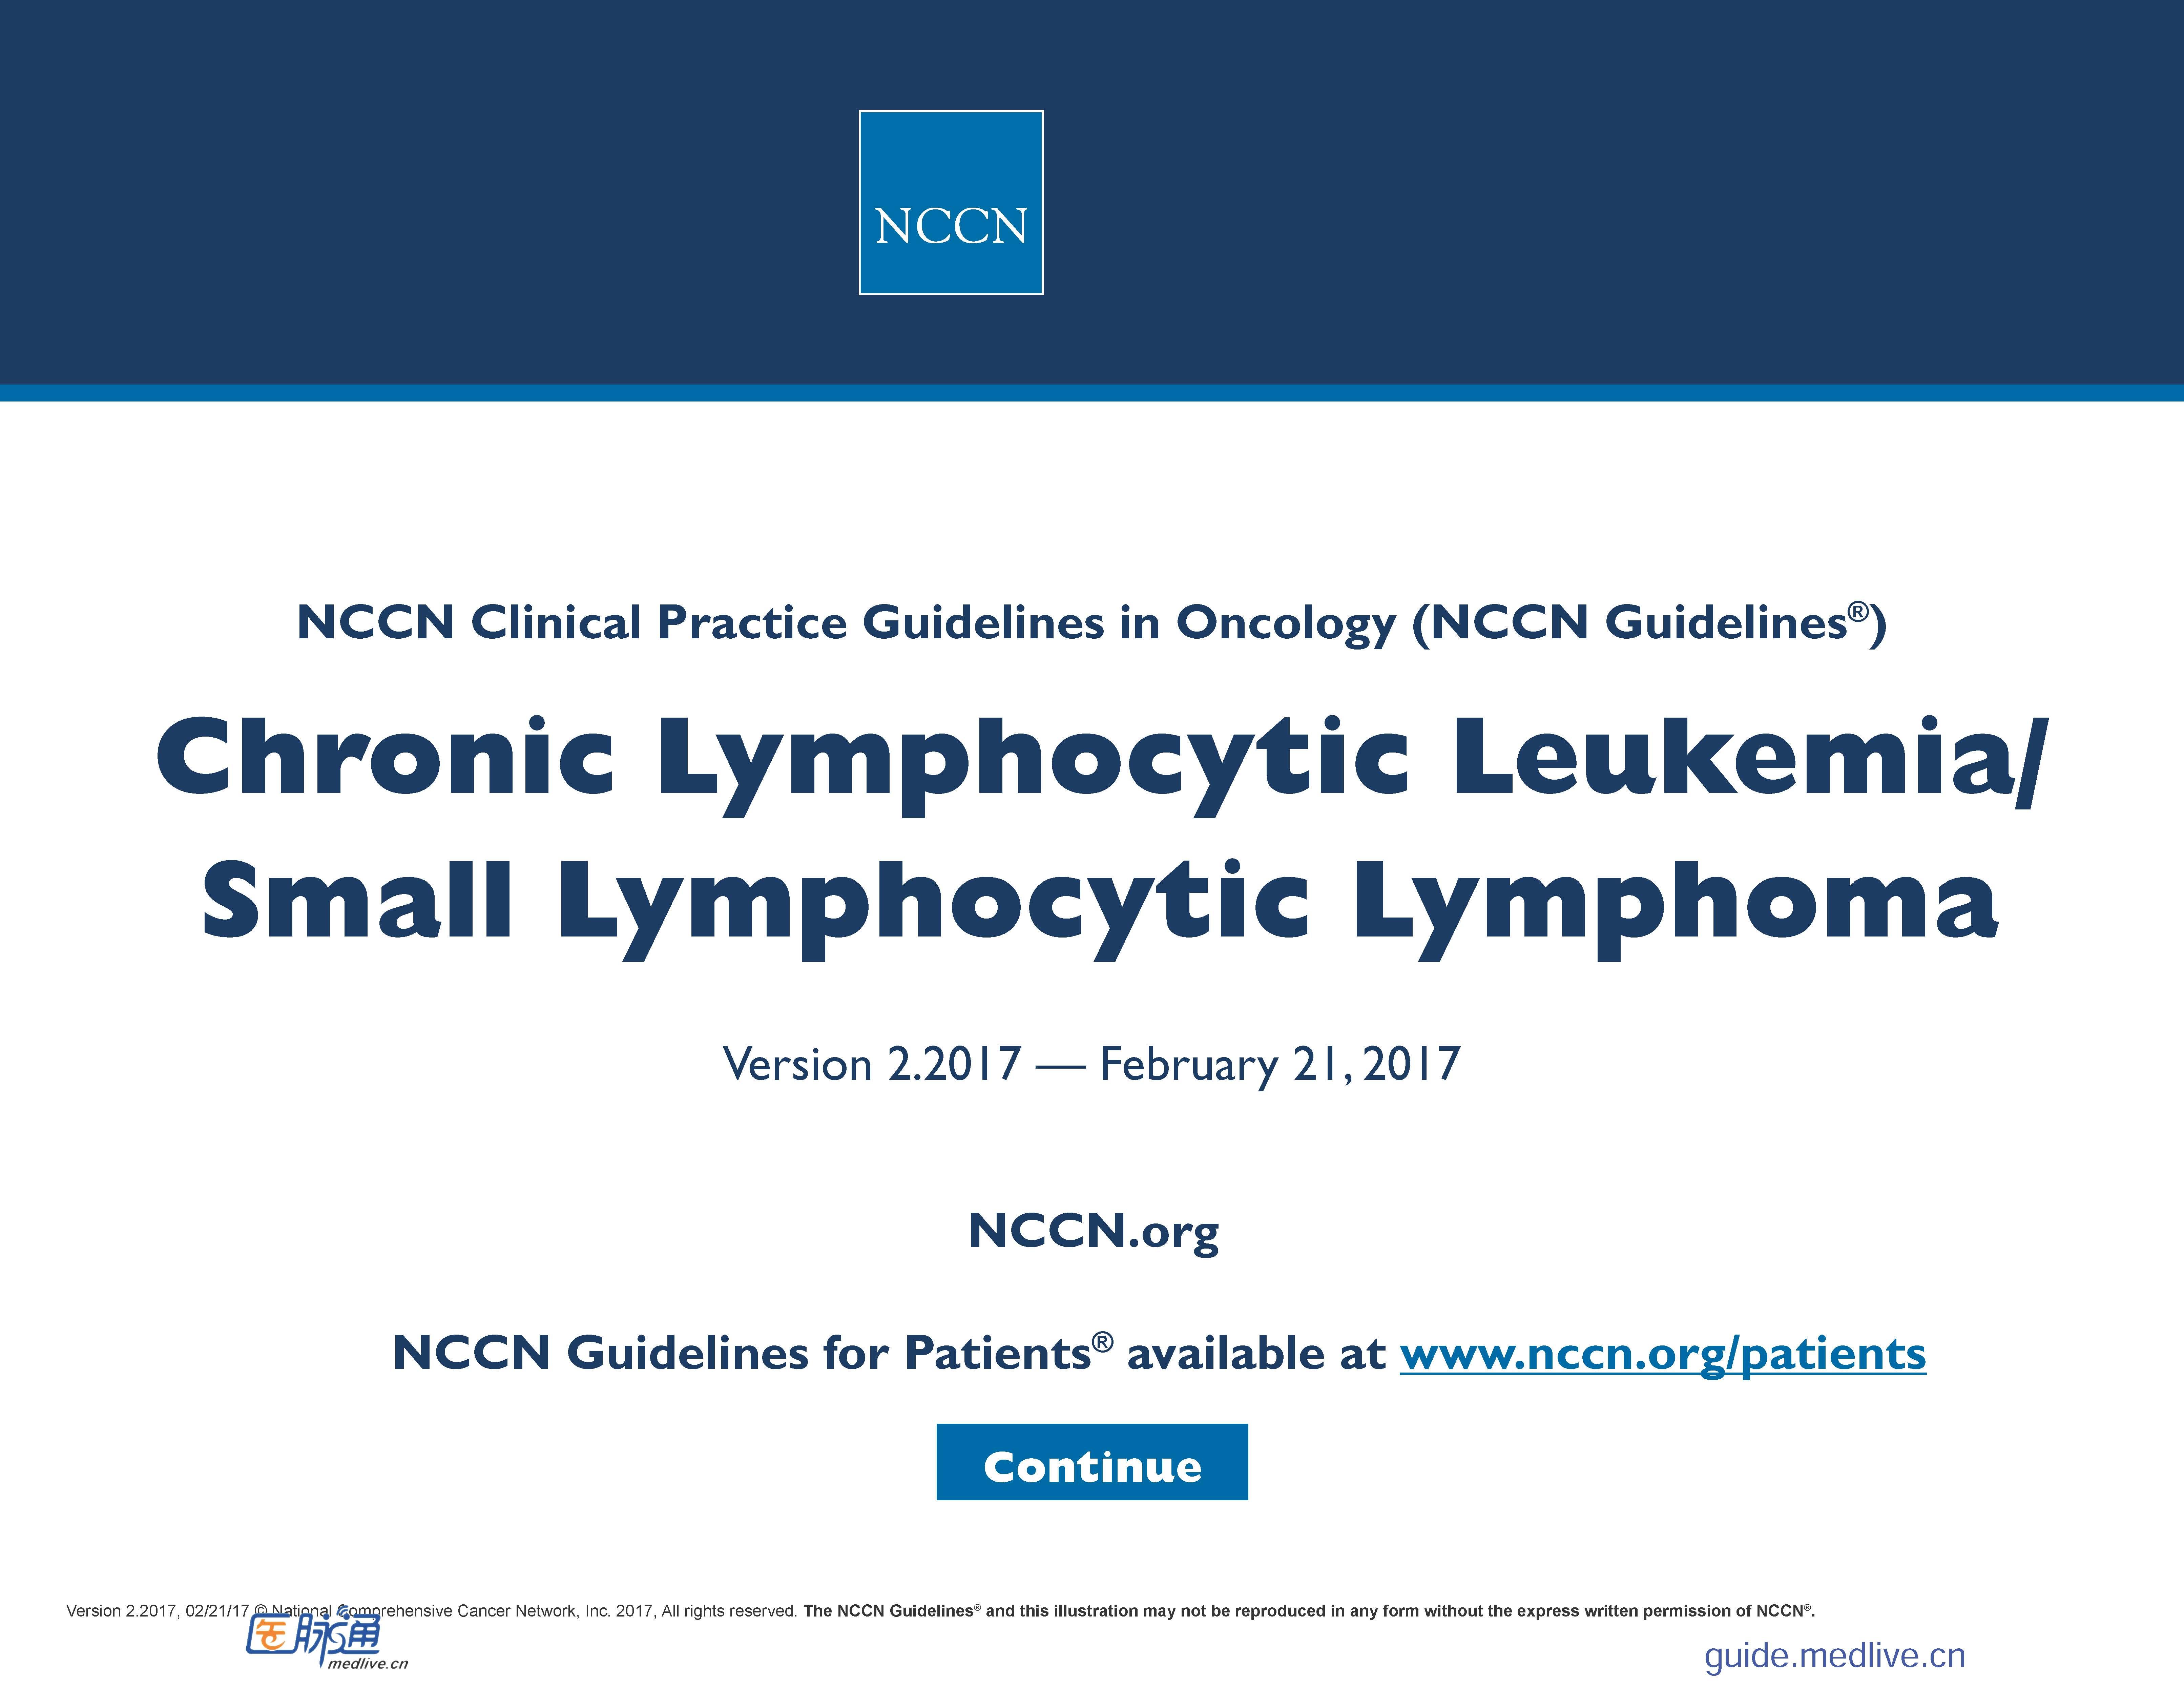 NCCN临床实践指南:慢性淋巴细胞白血病 小淋巴细胞淋巴瘤(2017 V2)_页面_01.jpg